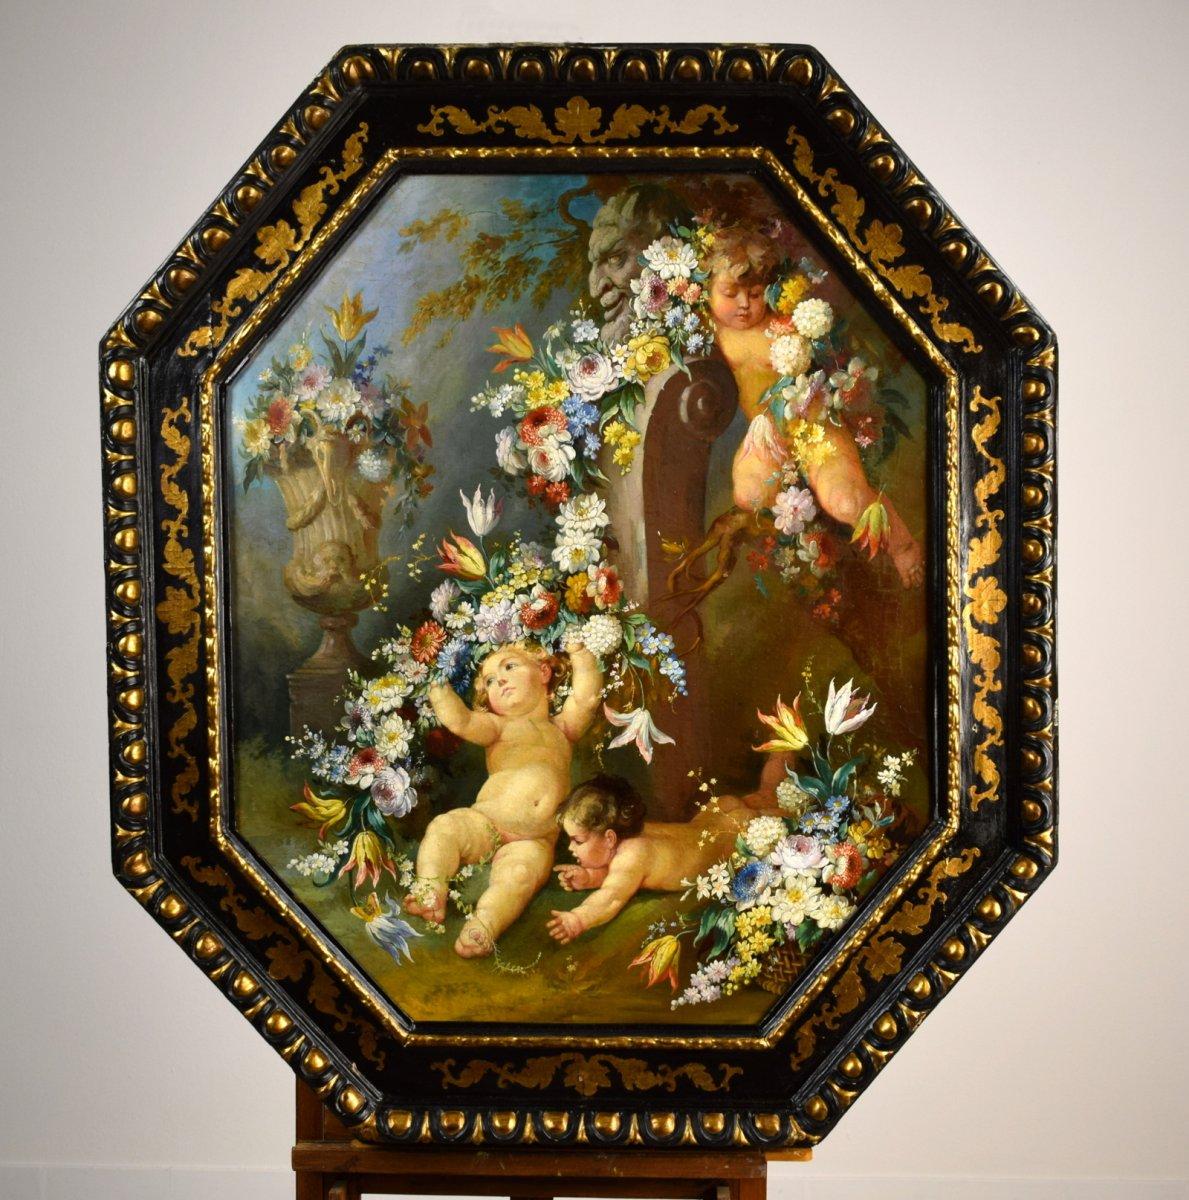 Peintre Romain Du XIXe Siècle,  Nature Morte Avec Putti, Festons De Fleurs, Huile Sur Toile